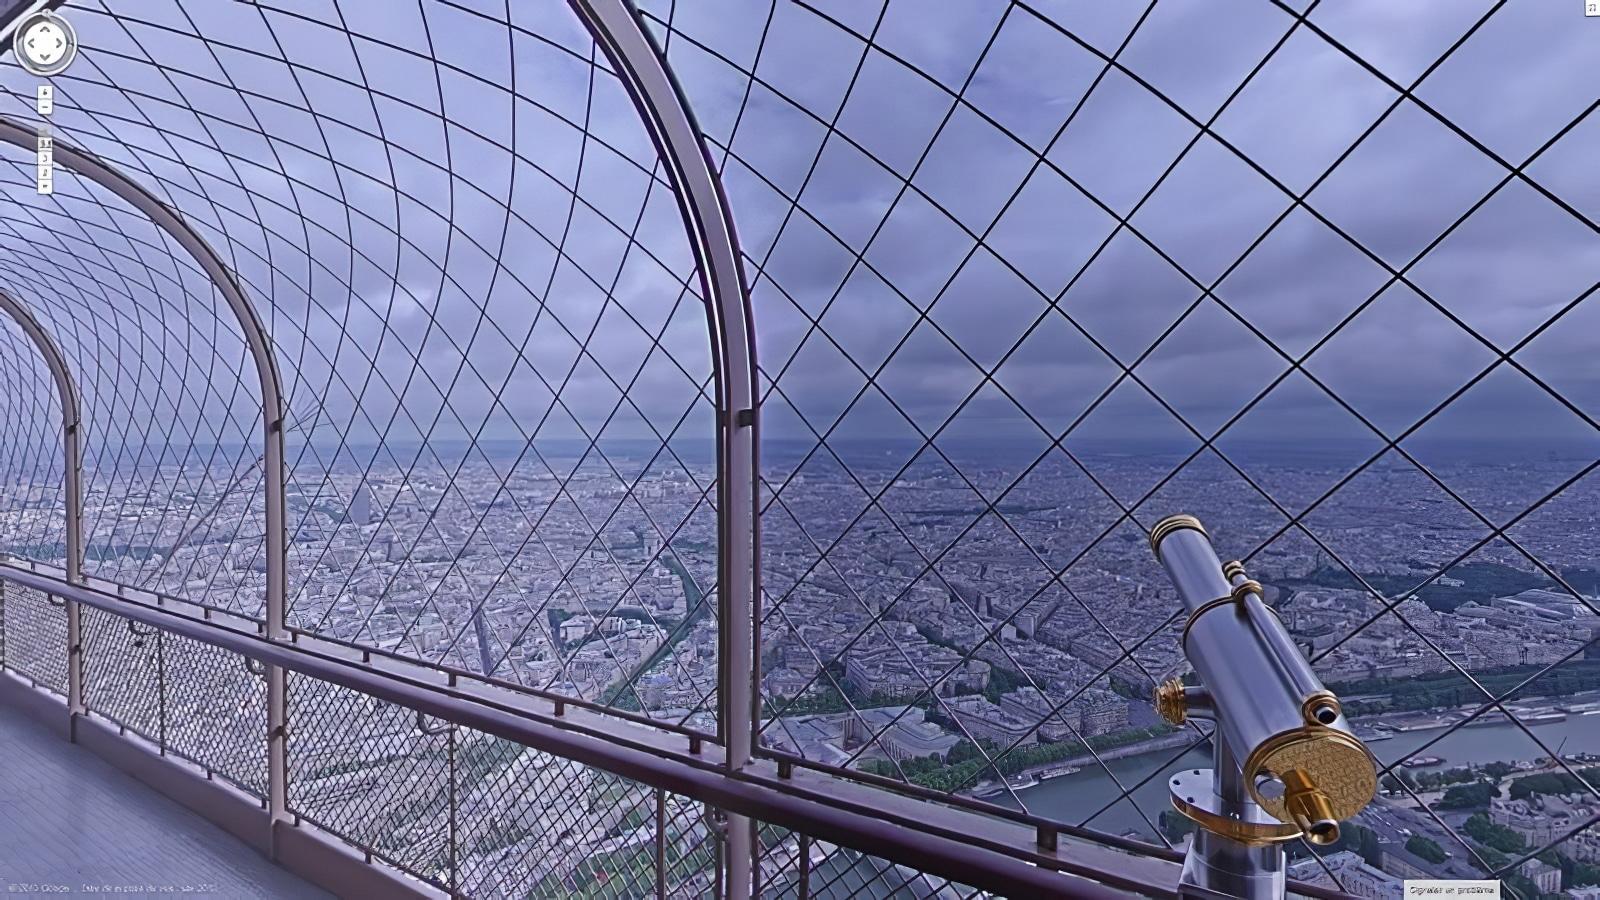 Visite virtuelle de la Tour Eiffel avec Google Street View